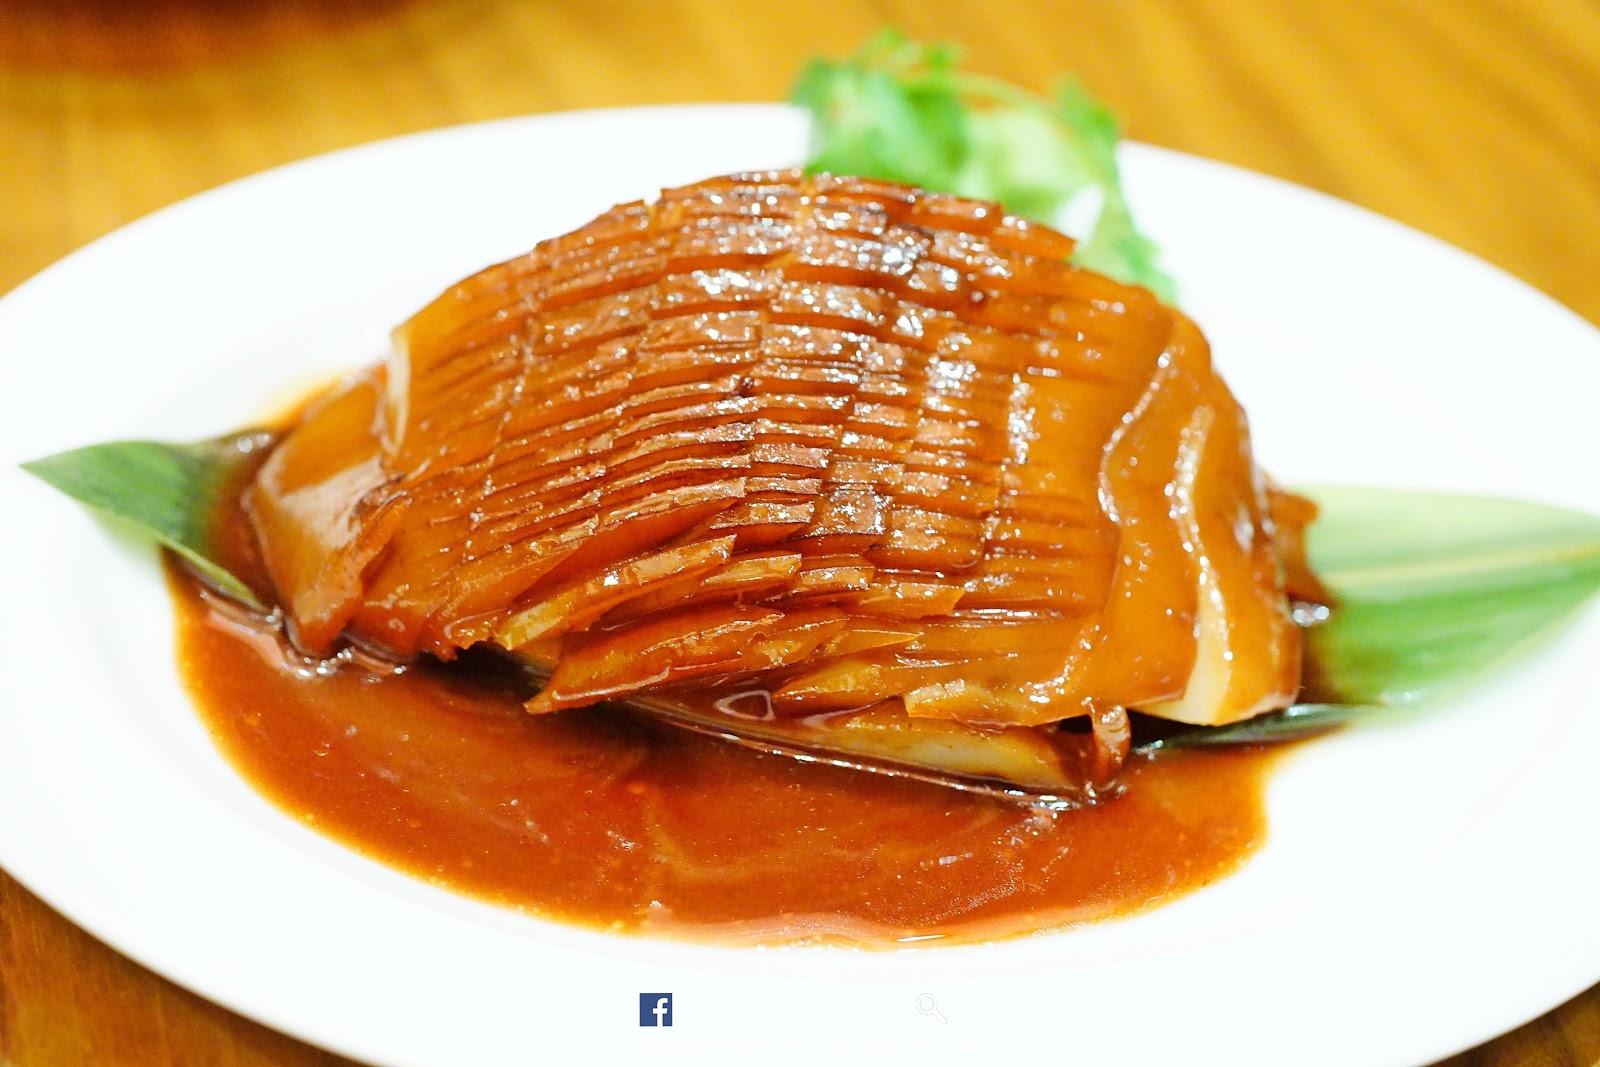 【墨魚·營養】墨魚營養價值 – TouPeenSeen部落格